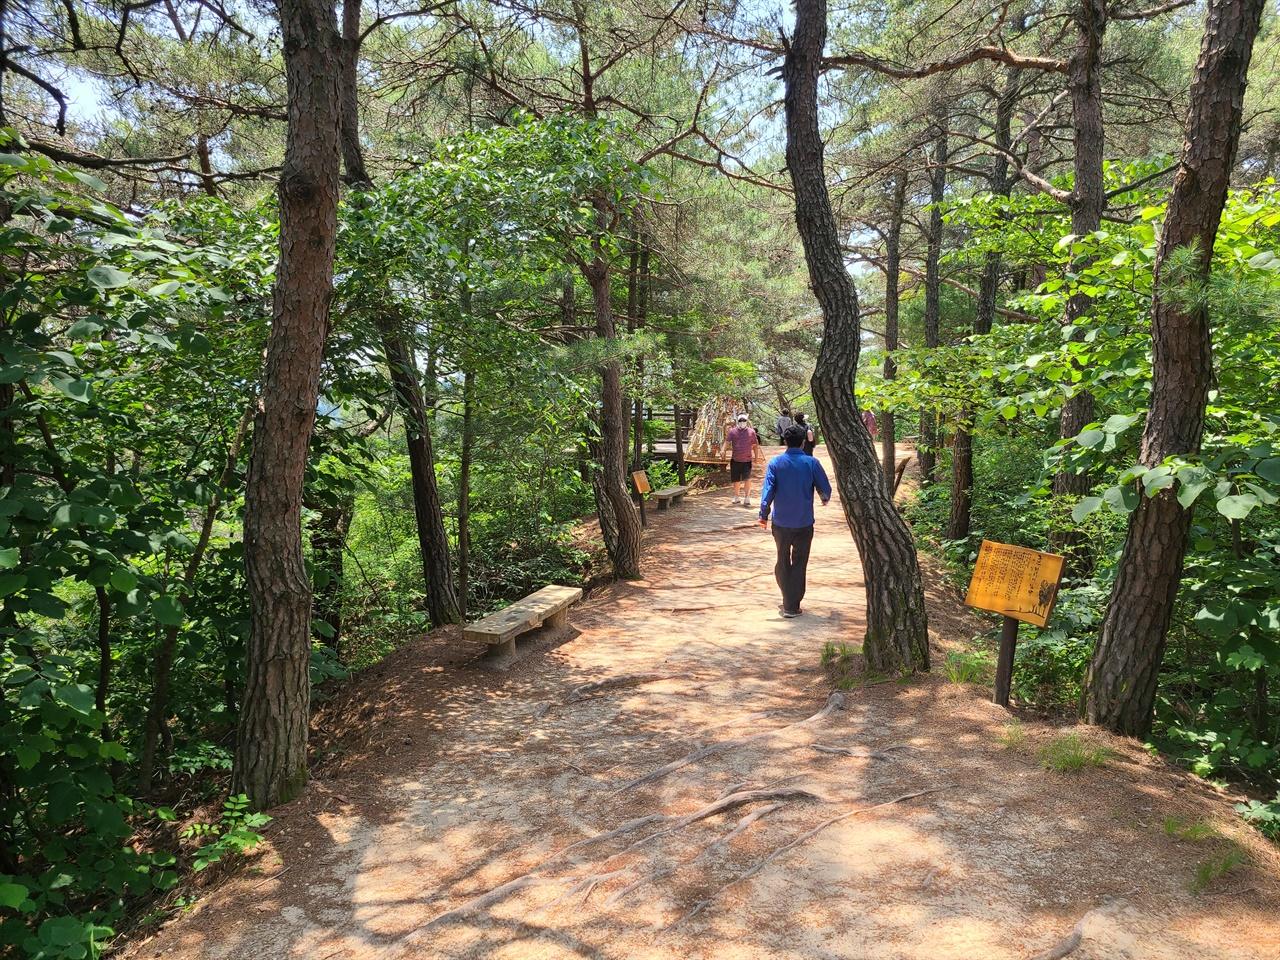 장안사에서 회룡대 정자까지는 10여 분 거리이다. 호젓한 길을 따라 유명 시인의 시를 감상하며 걷는 재미가 쏠쏠하다.